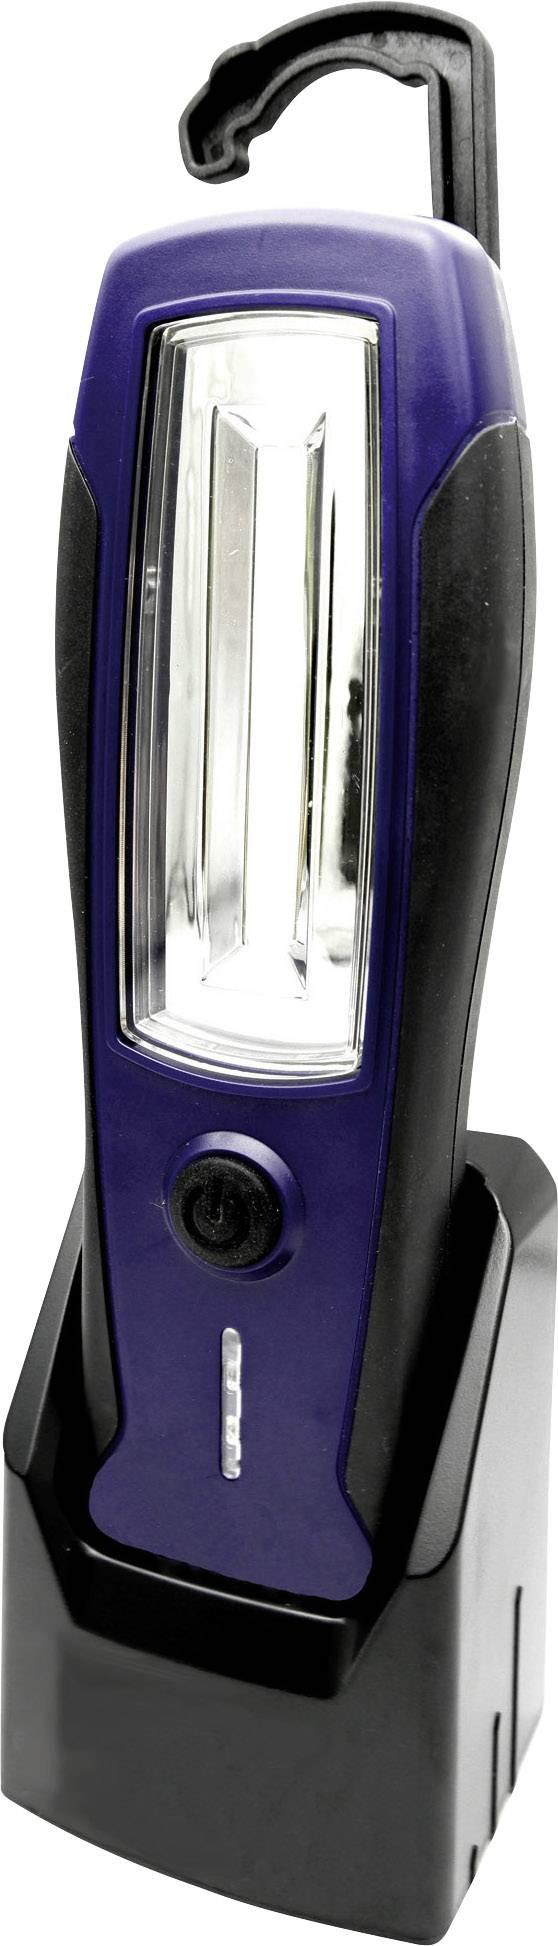 COB LED pracovné osvetlenie Kunzer PL-1016 napájanie z akumulátoru